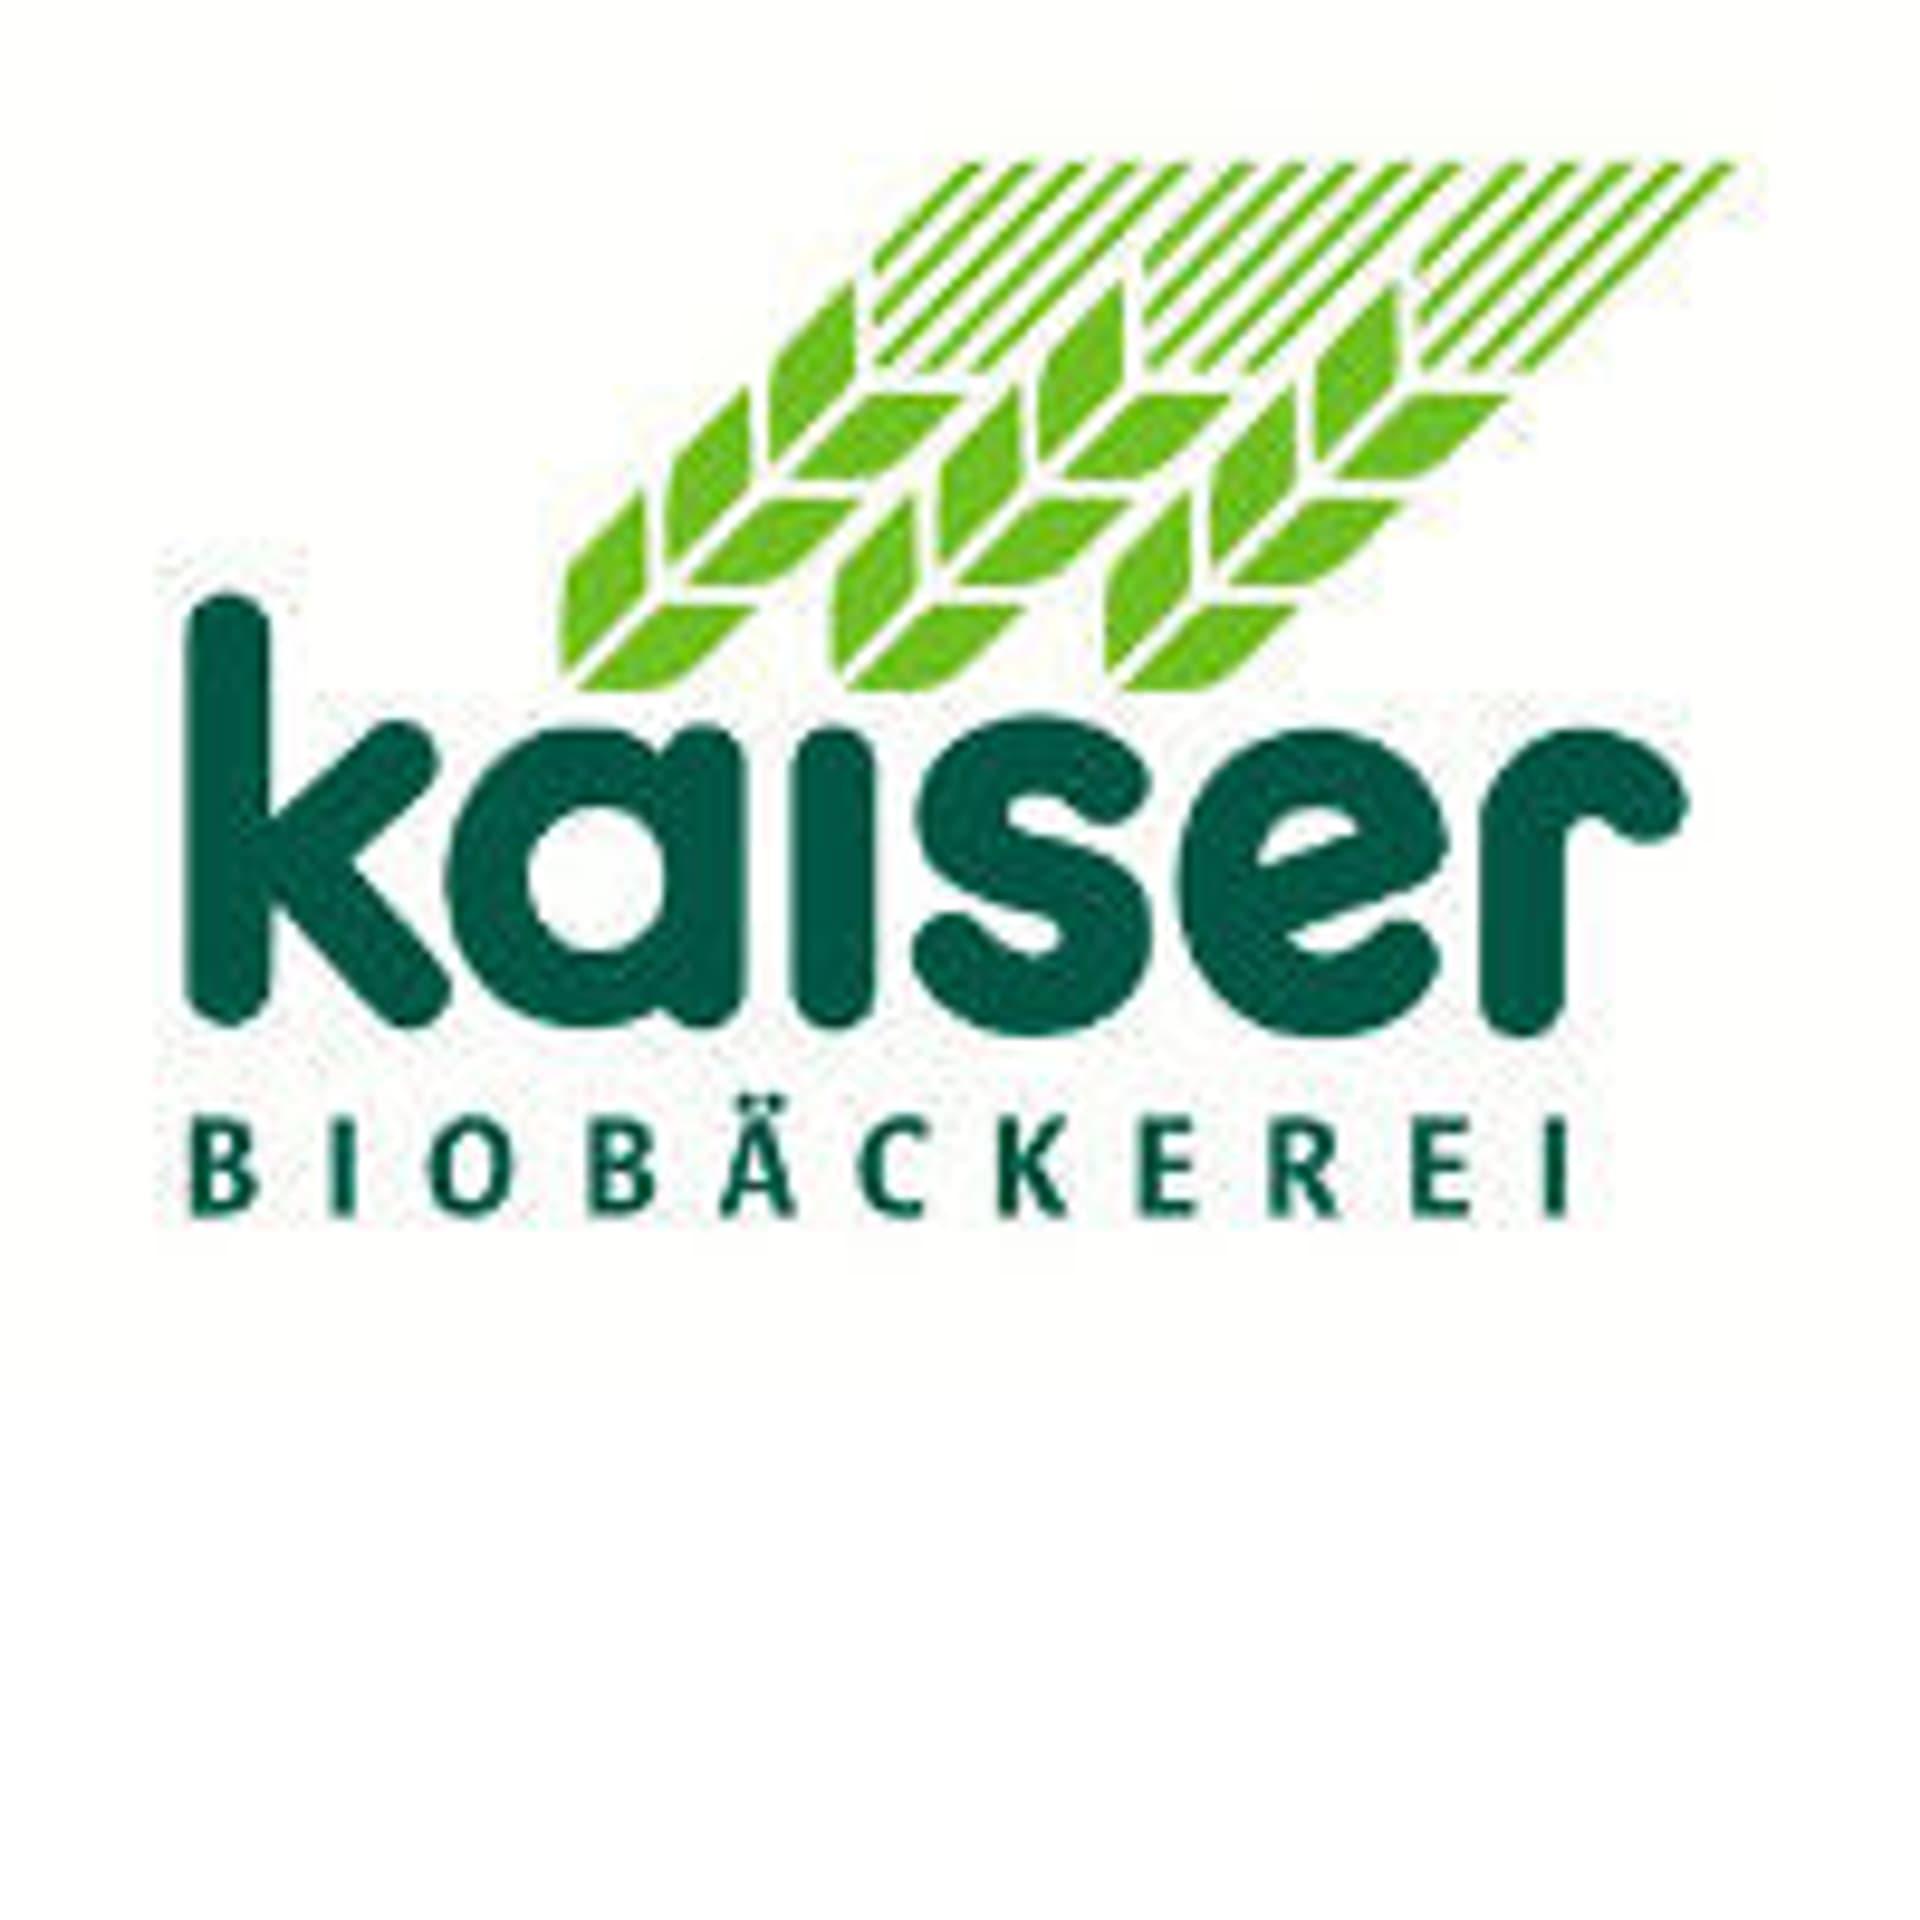 Kaiser Biobaeckerei